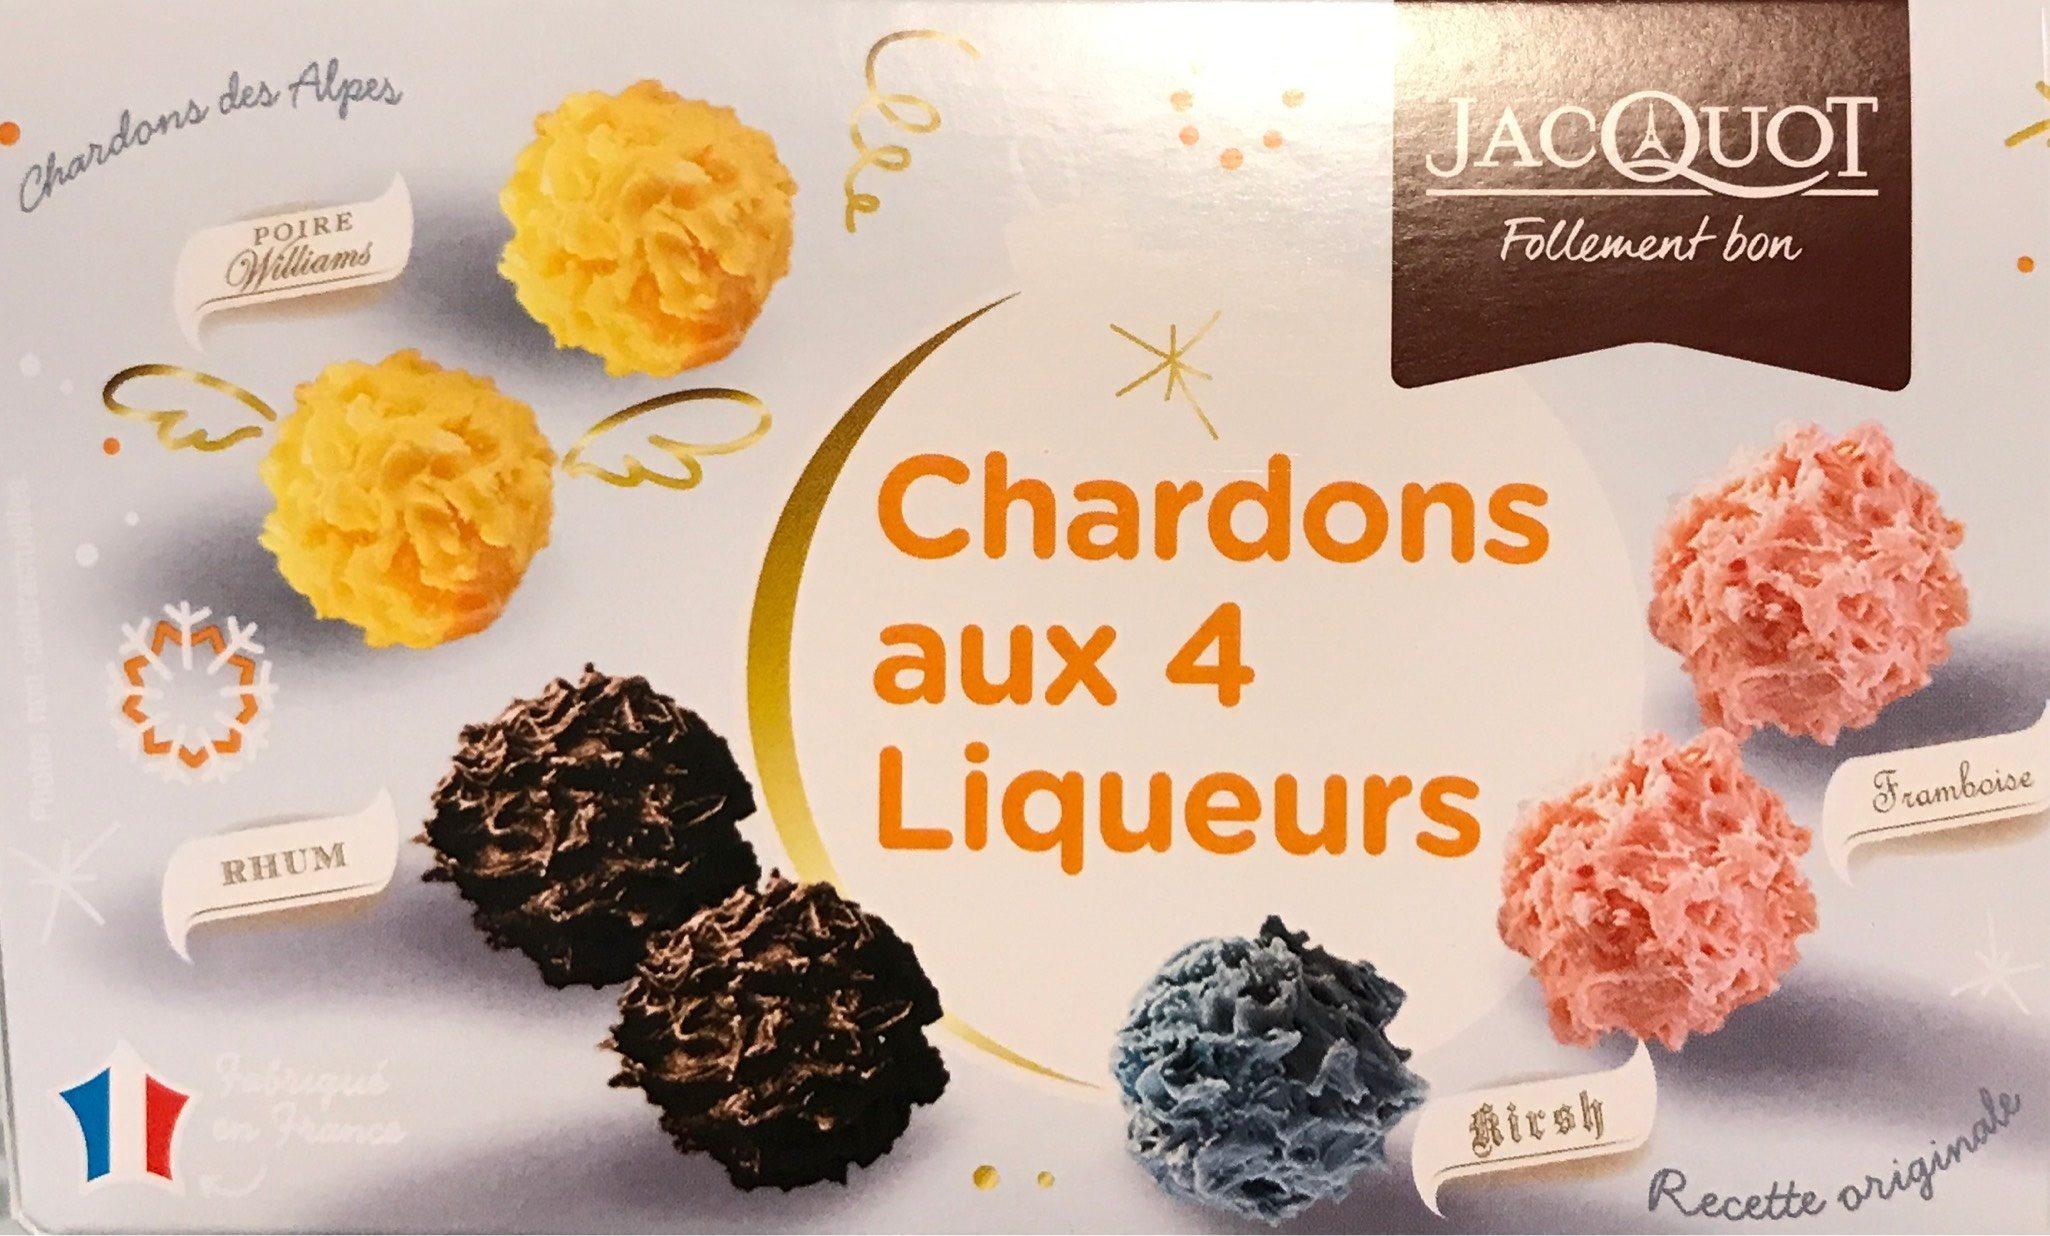 Chardons au 4 liqueurs - Produit